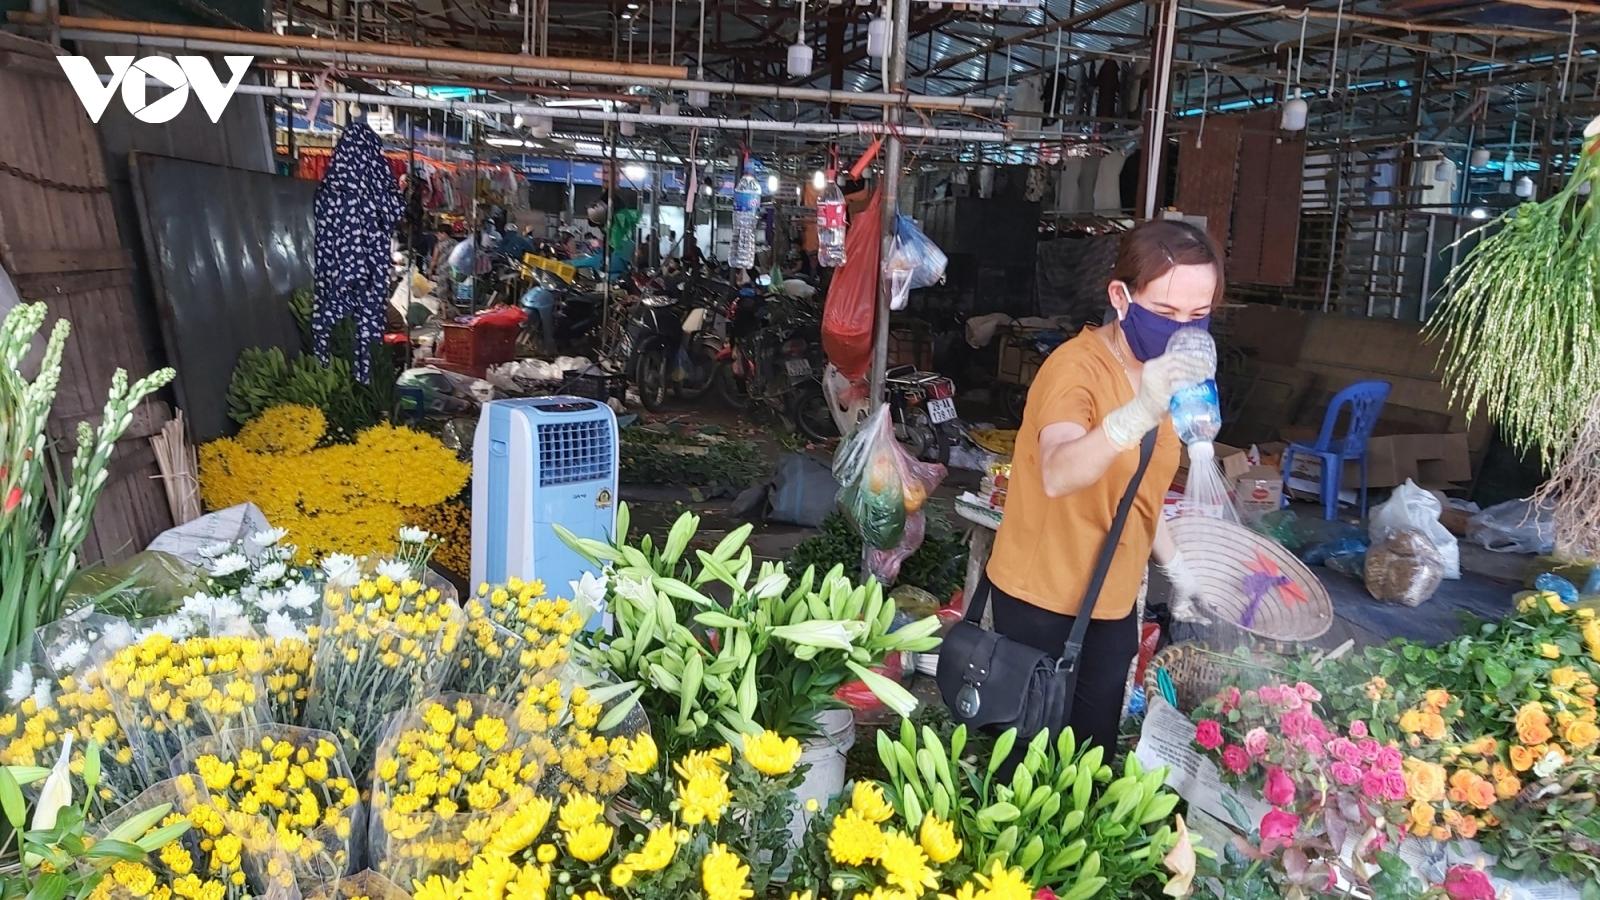 Ảnh hưởng dịch Covid-19, lượng người đến chợ dân sinh, trung tâm thương mại giảm mạnh